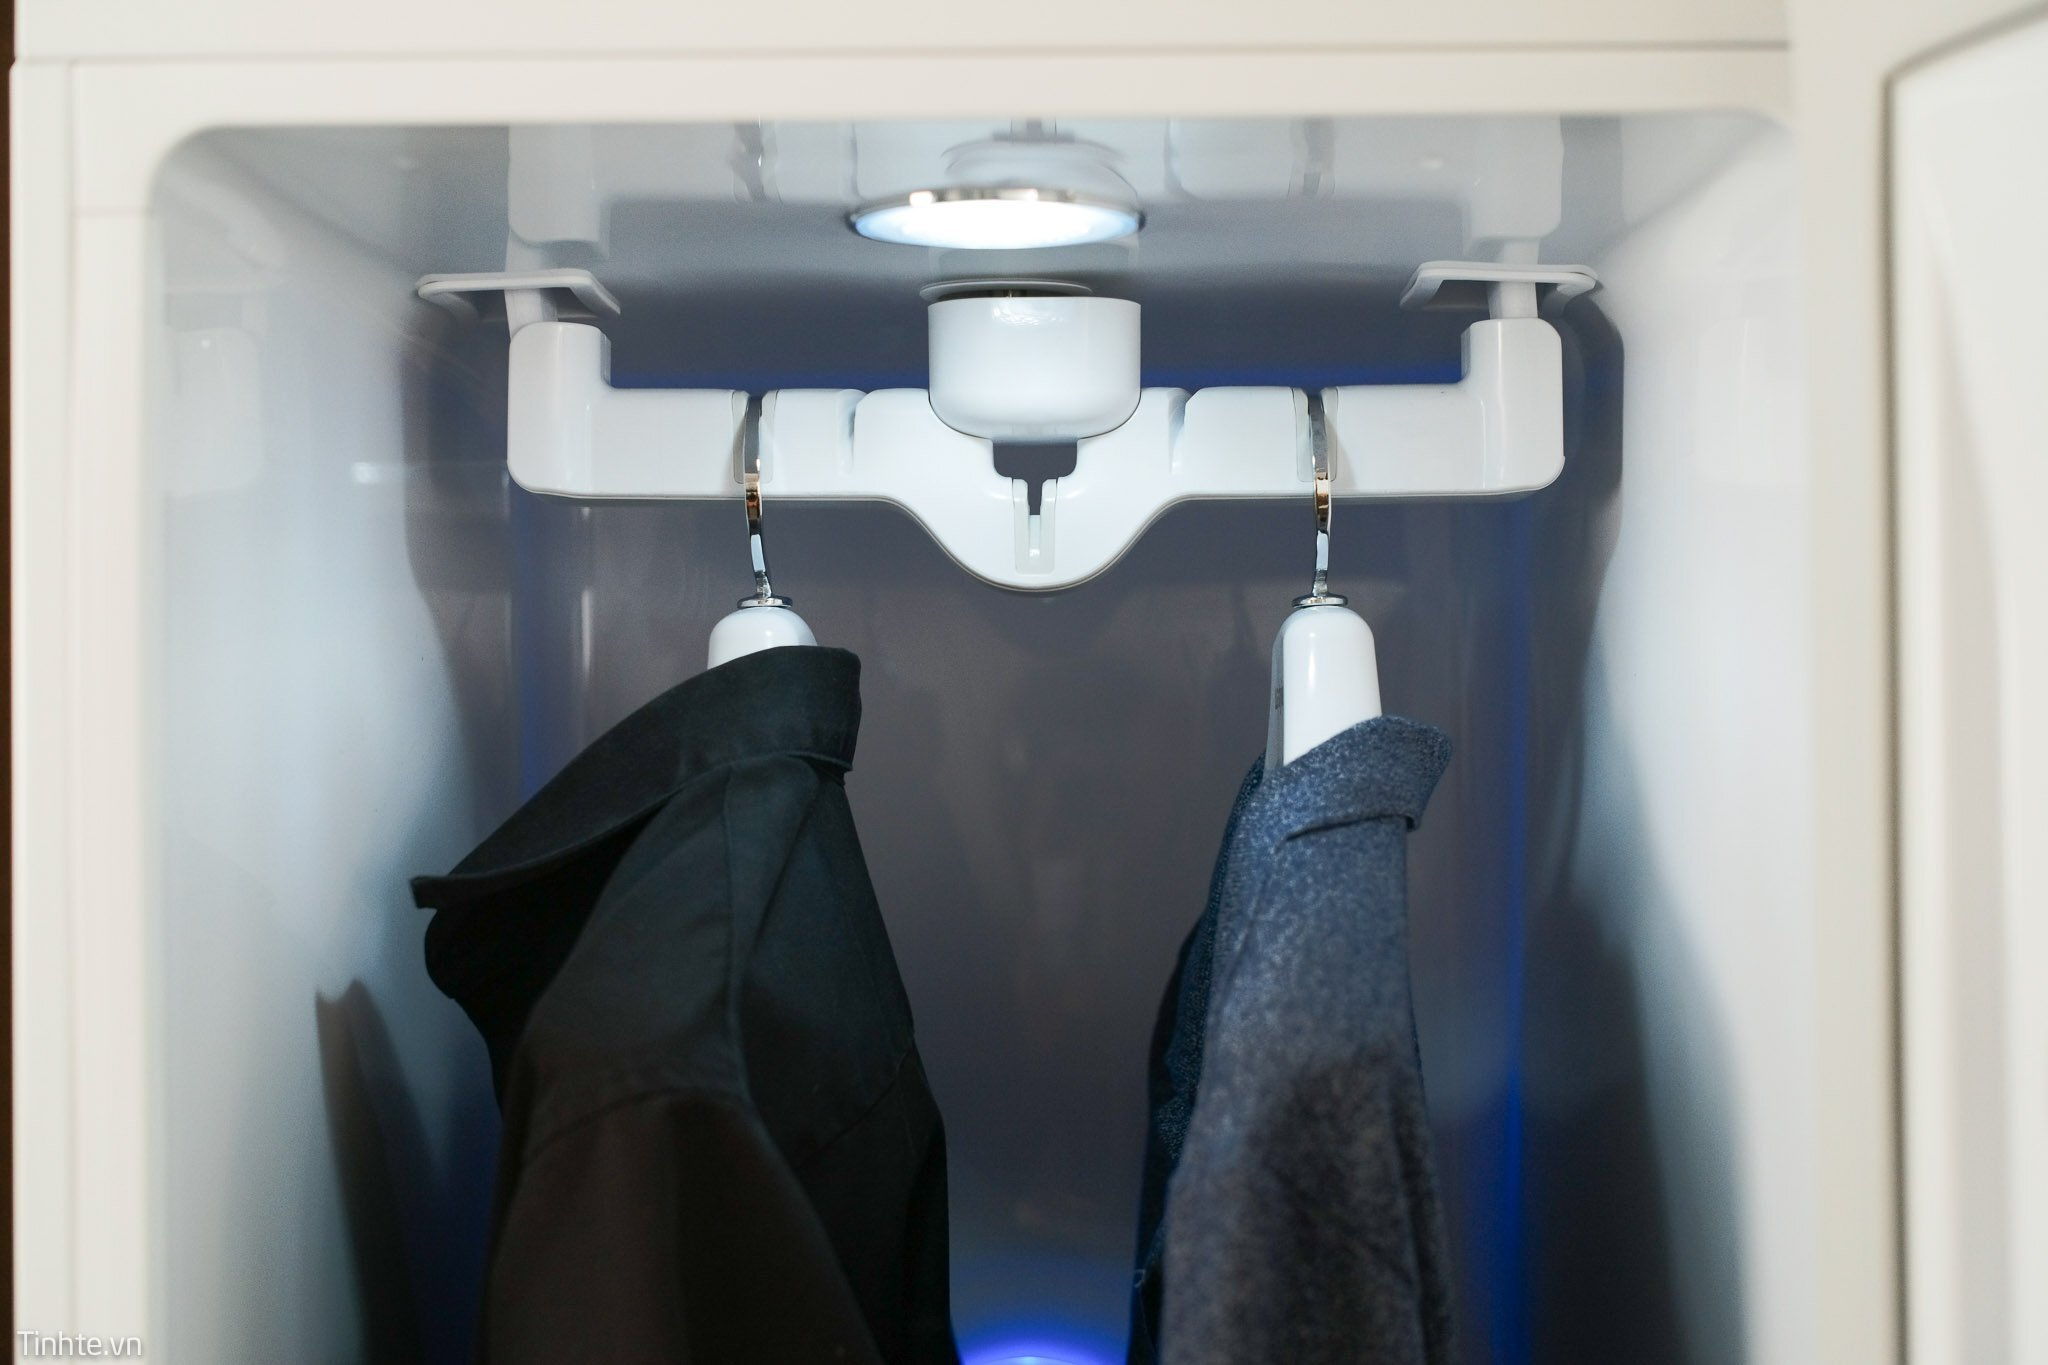 Tủ quần áo thông minh LG Styler chăm sóc quần áo cho cả nhà